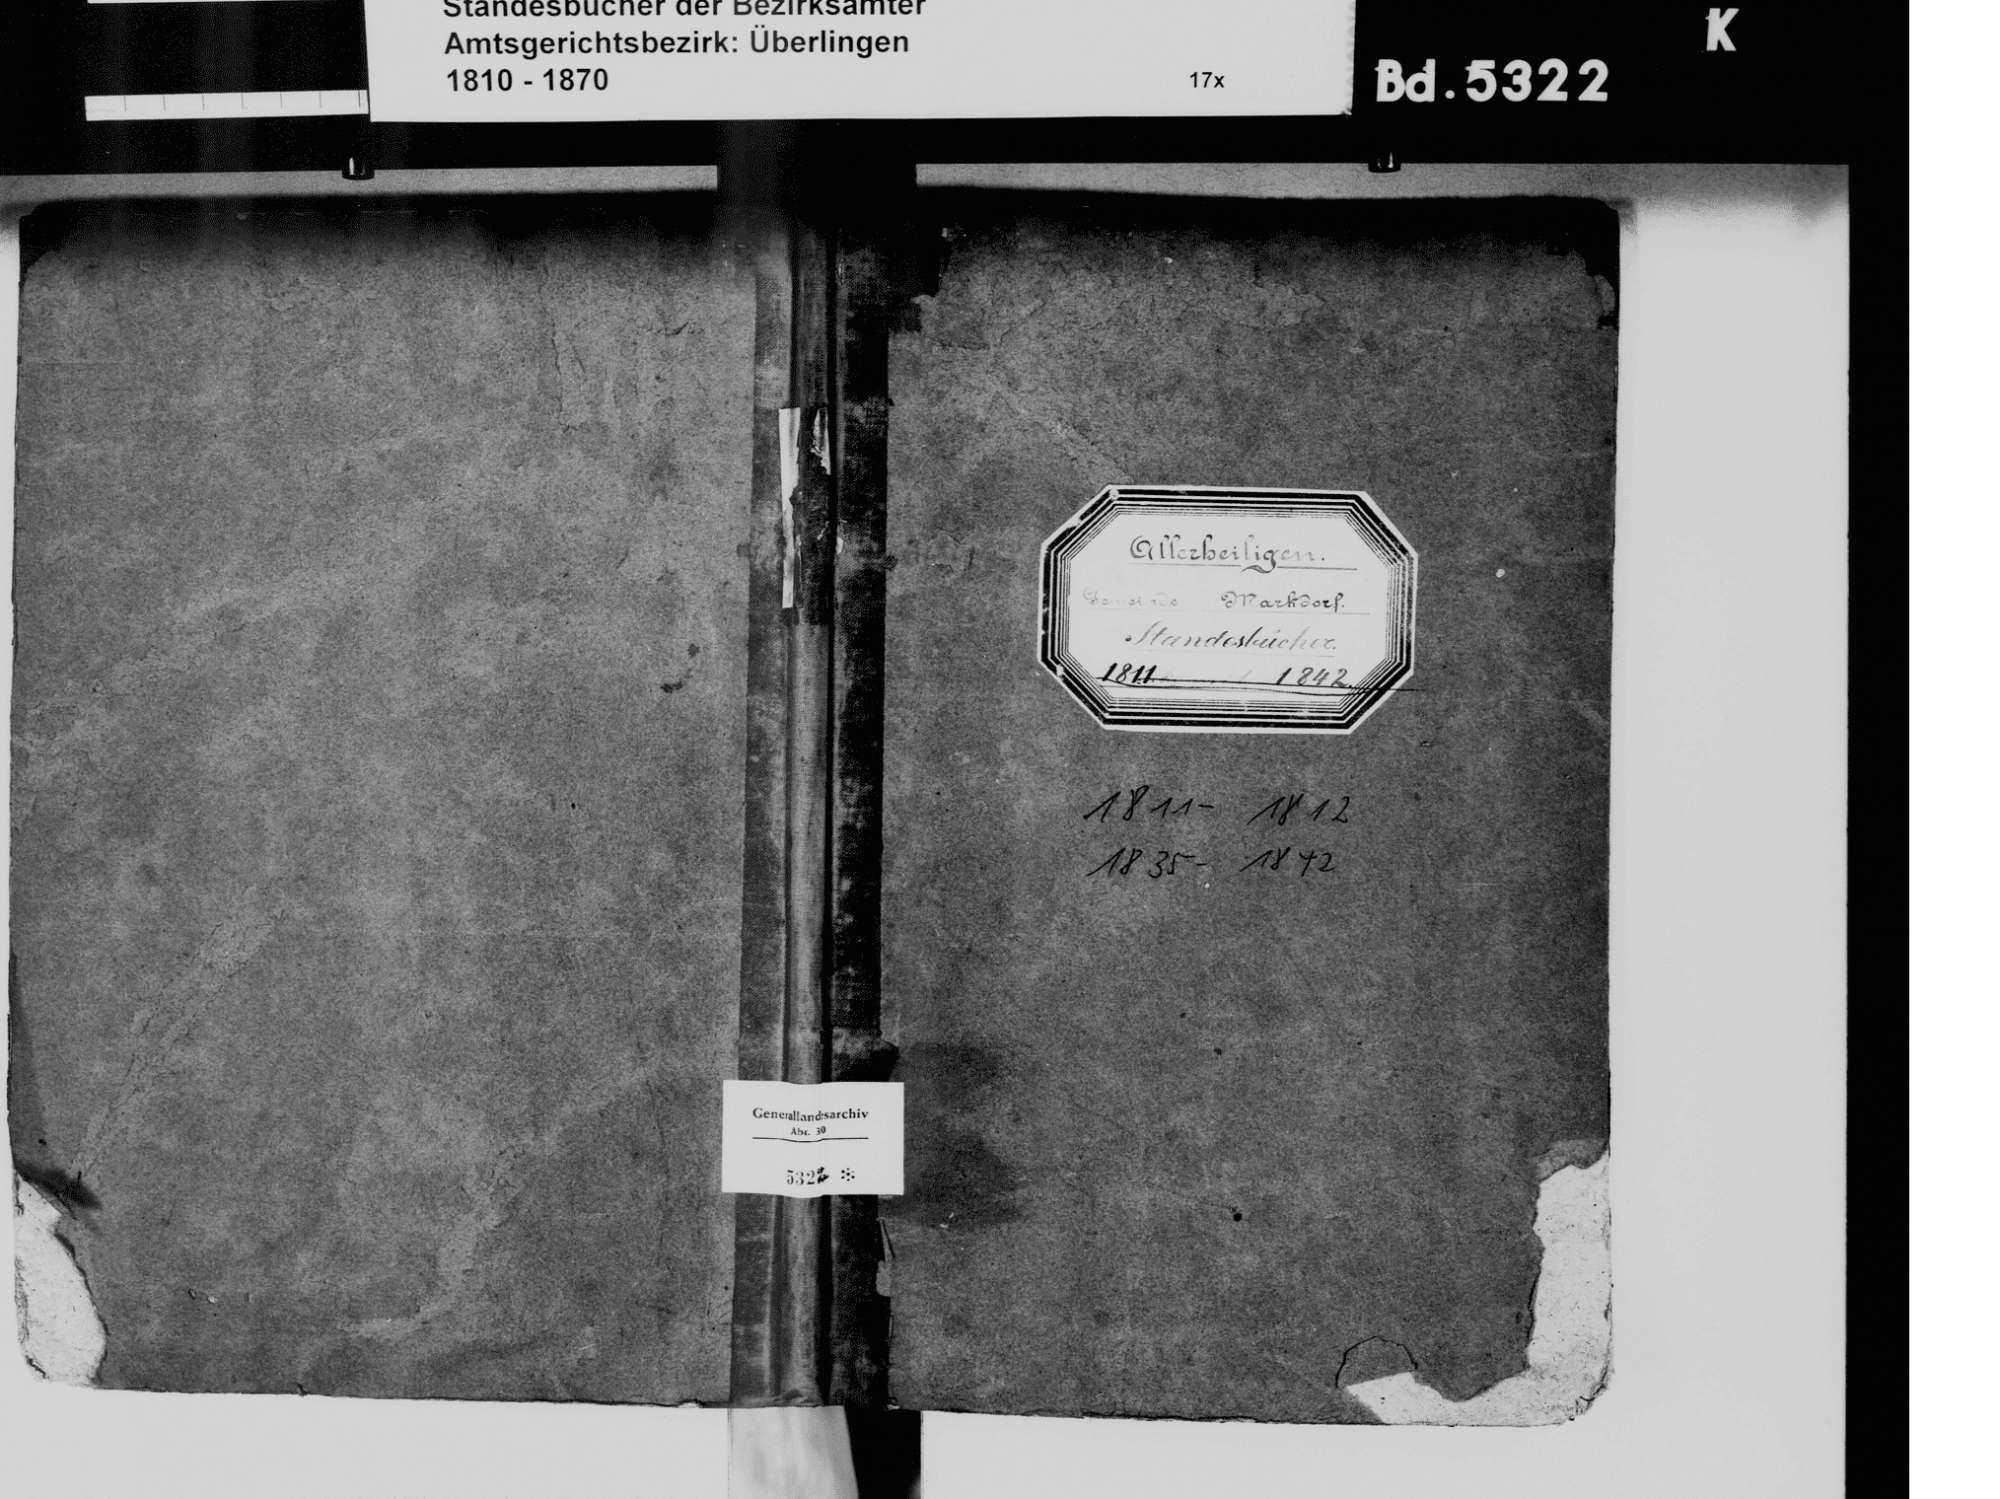 Allerheiligen, Markdorf FN; Katholische Gemeinde: Standesbuch 1811-1812, 1835-1842, Bild 2